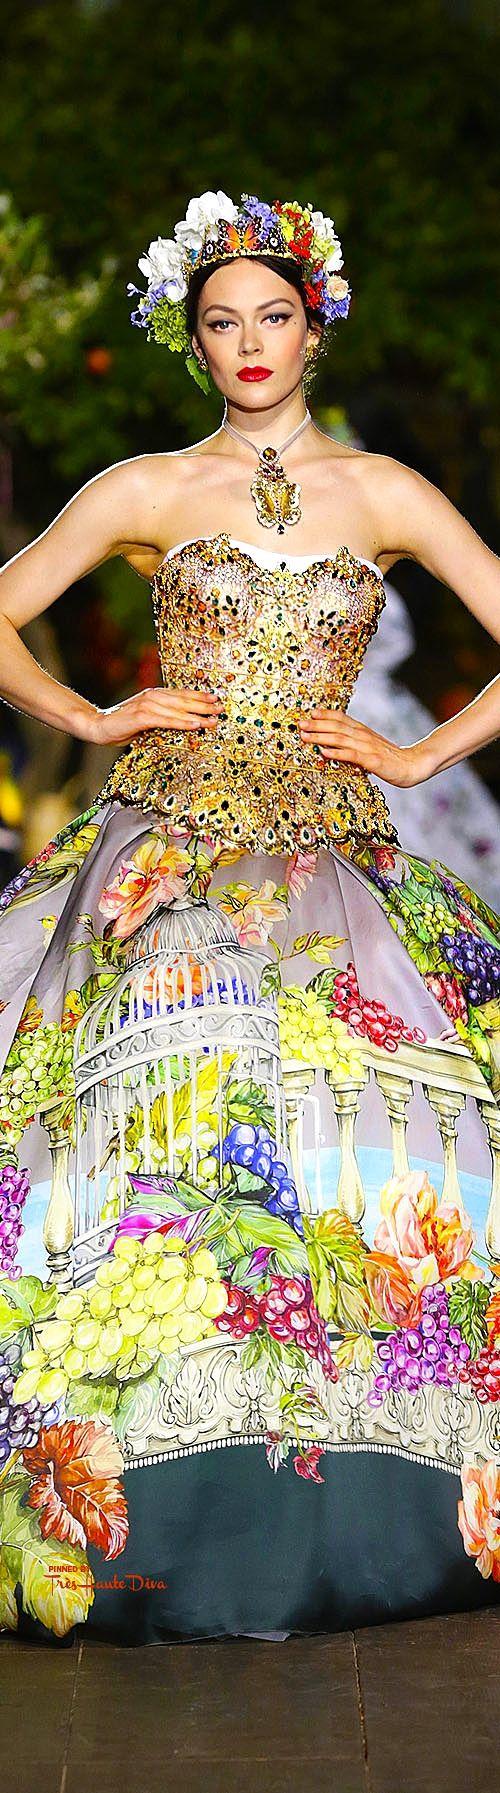 Dolce & Gabbana Alta Moda Fall/Winter 2015-16 ♔ For more images visit my website www.treshautediva...